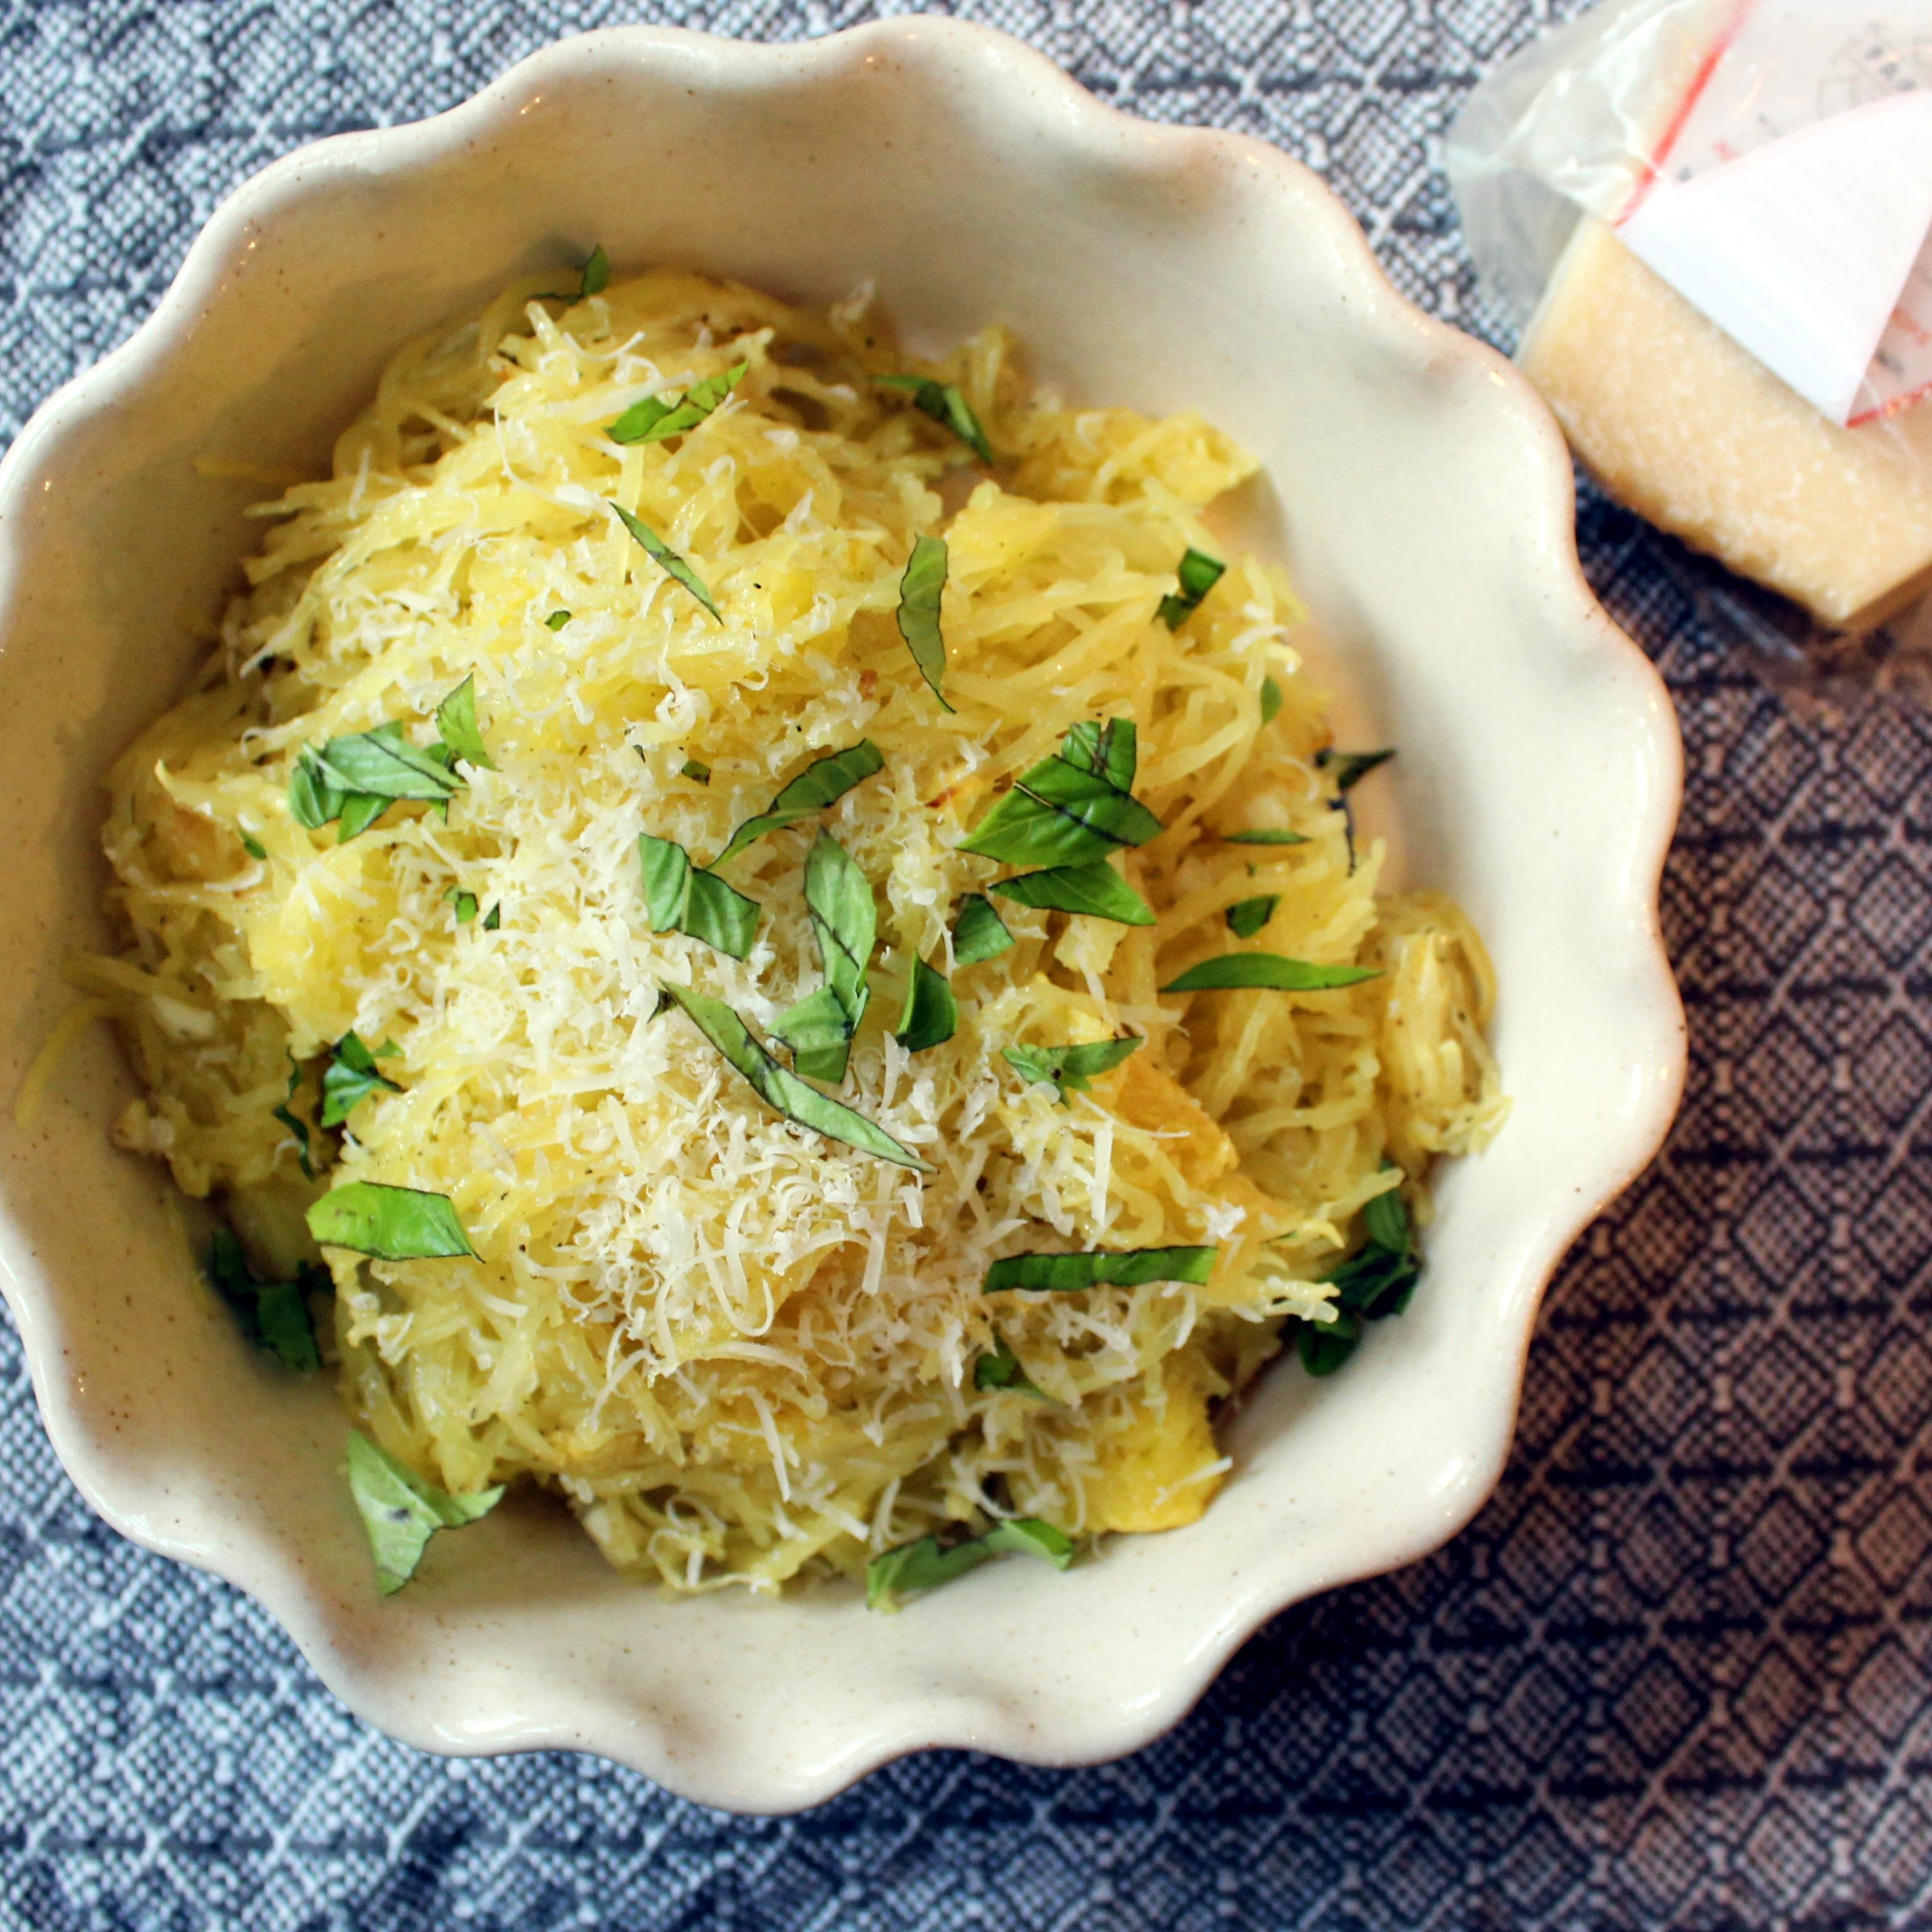 Yummy Garlicky Spaghetti Squash